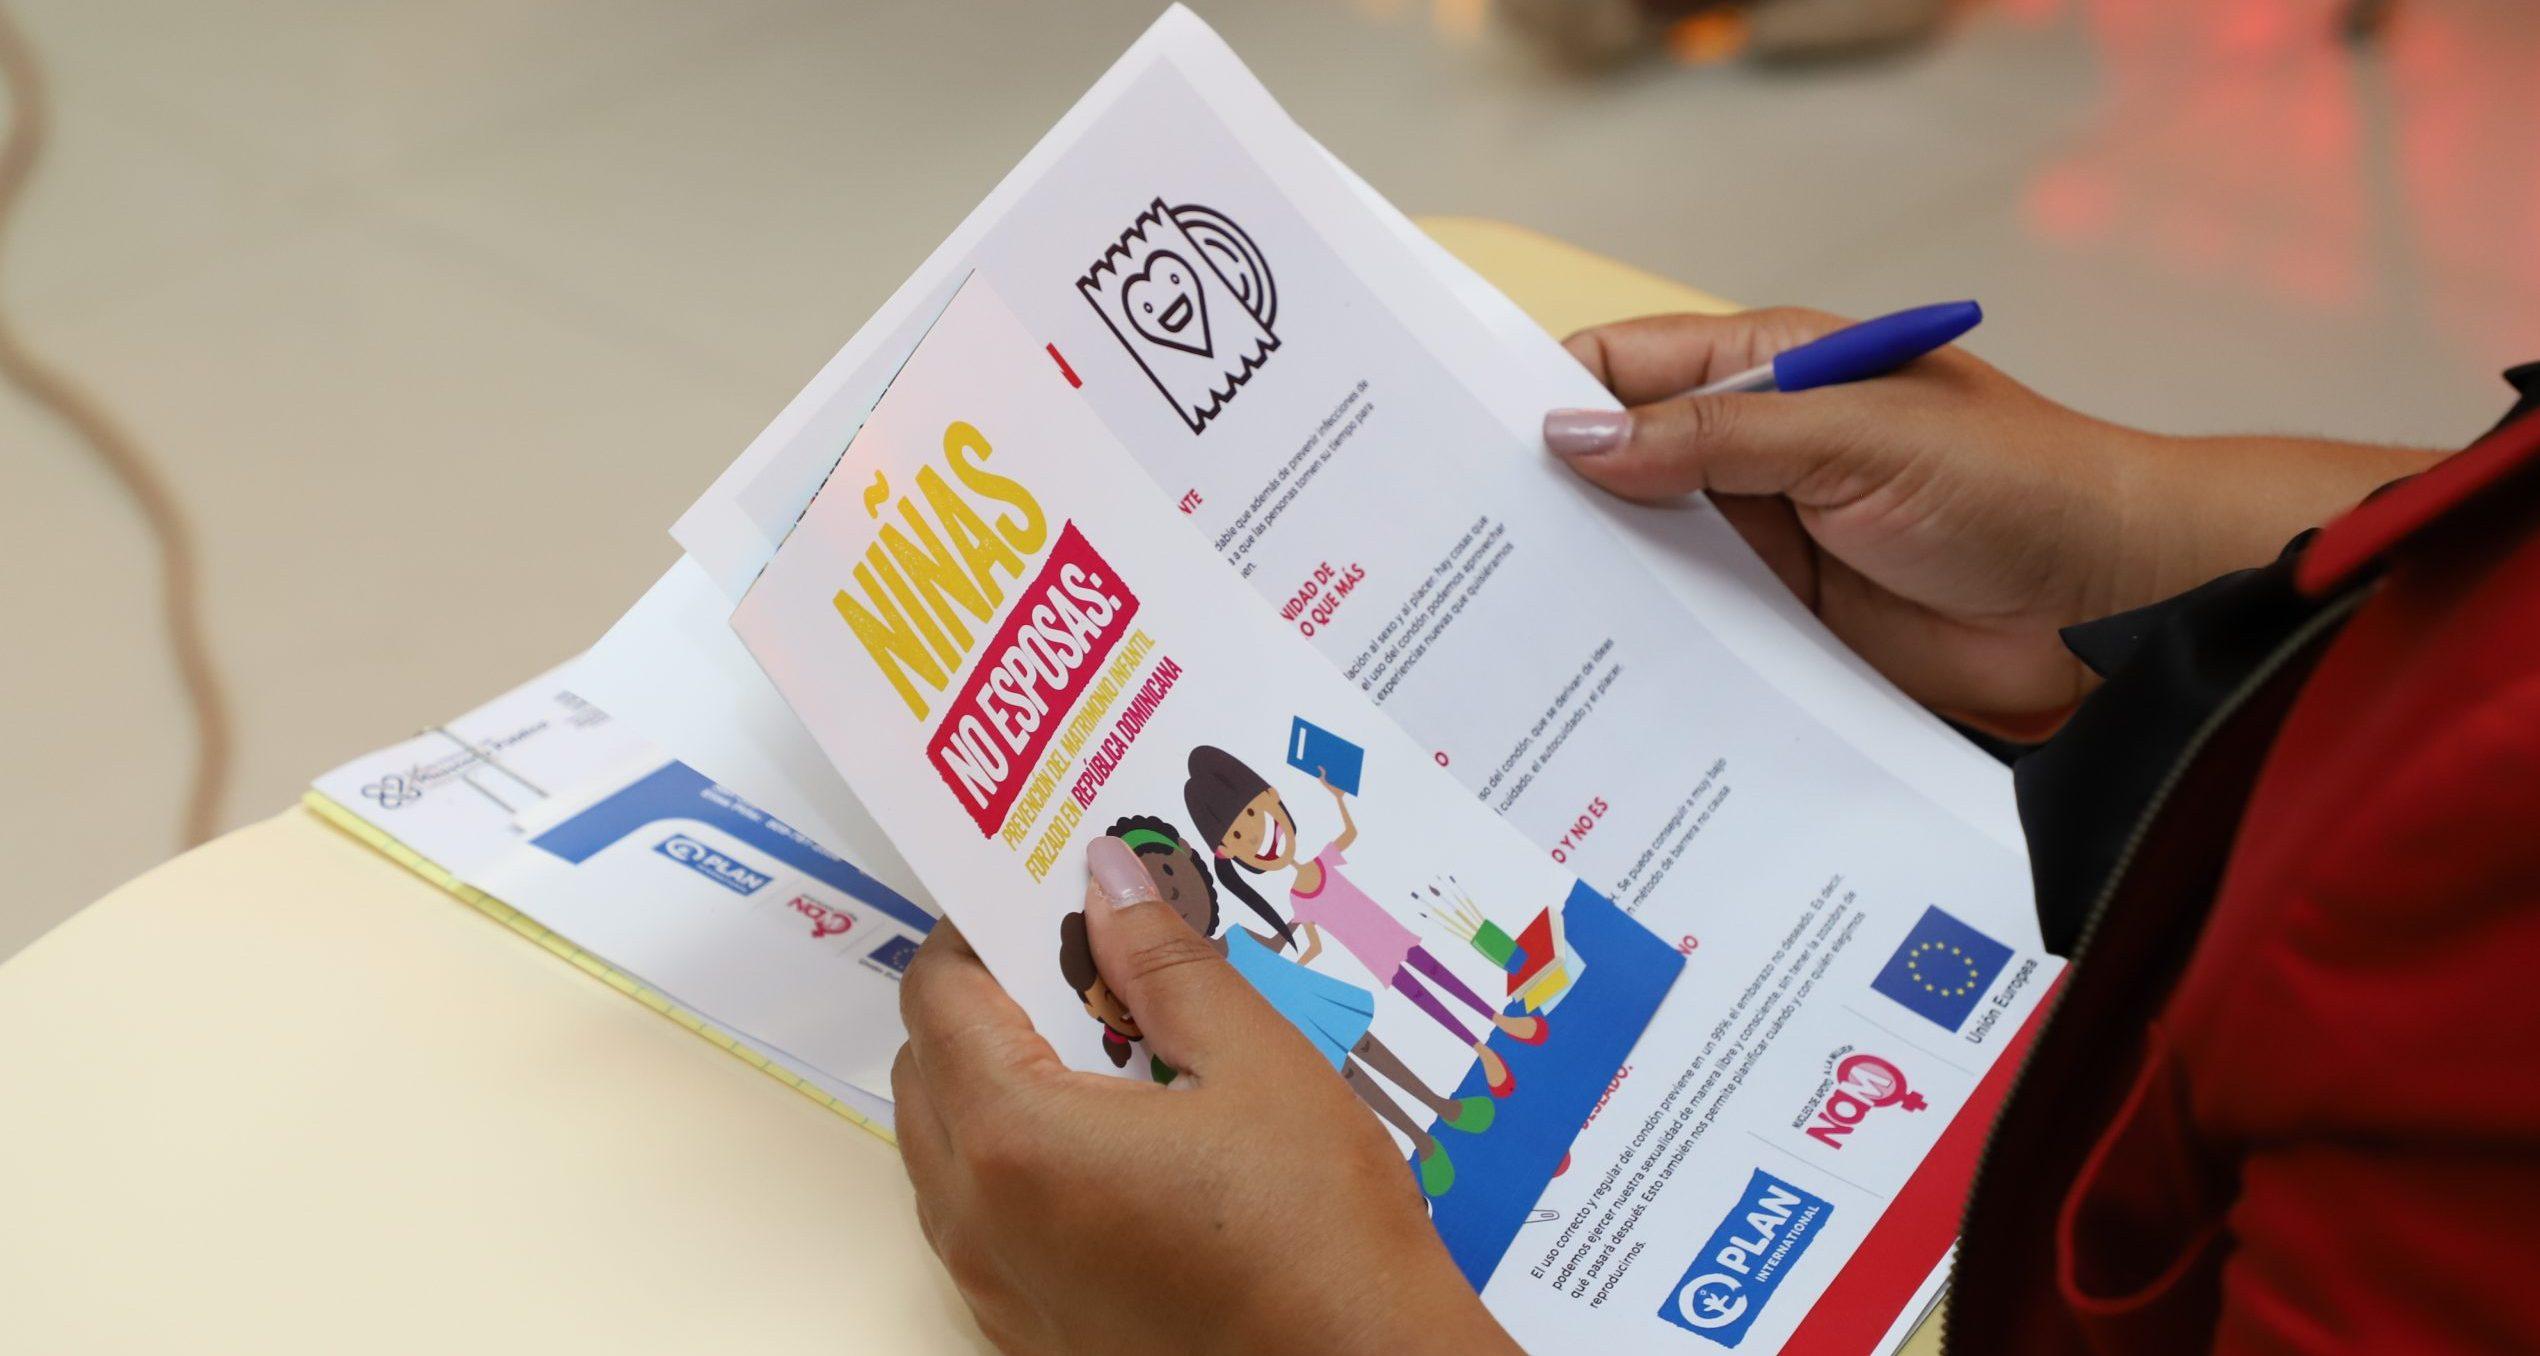 """Imparten curso """"Uniones tempranas, Matrimonio Infantil y Violencia basada en género de los niños, niñas y adolescentes"""" en UASD Centro San Juan"""